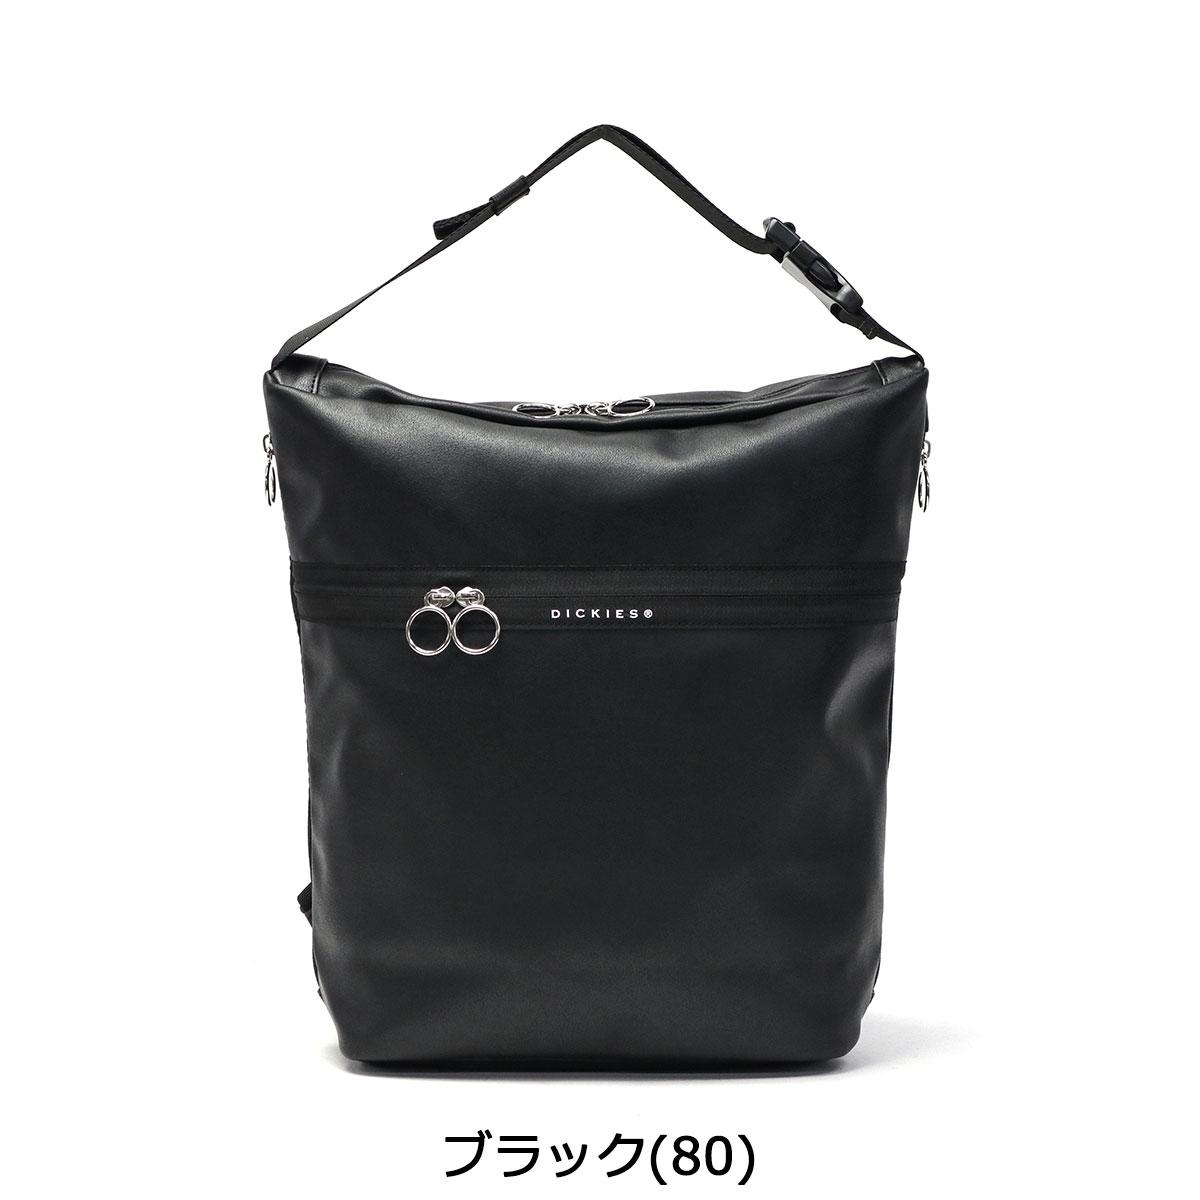 日本Galleria  /  Dickies SYNTHETIC LEATHER 2WAY BAG 休閒後背包  /  dic0031  /  日本必買 日本樂天直送(6490) /  件件含運 3